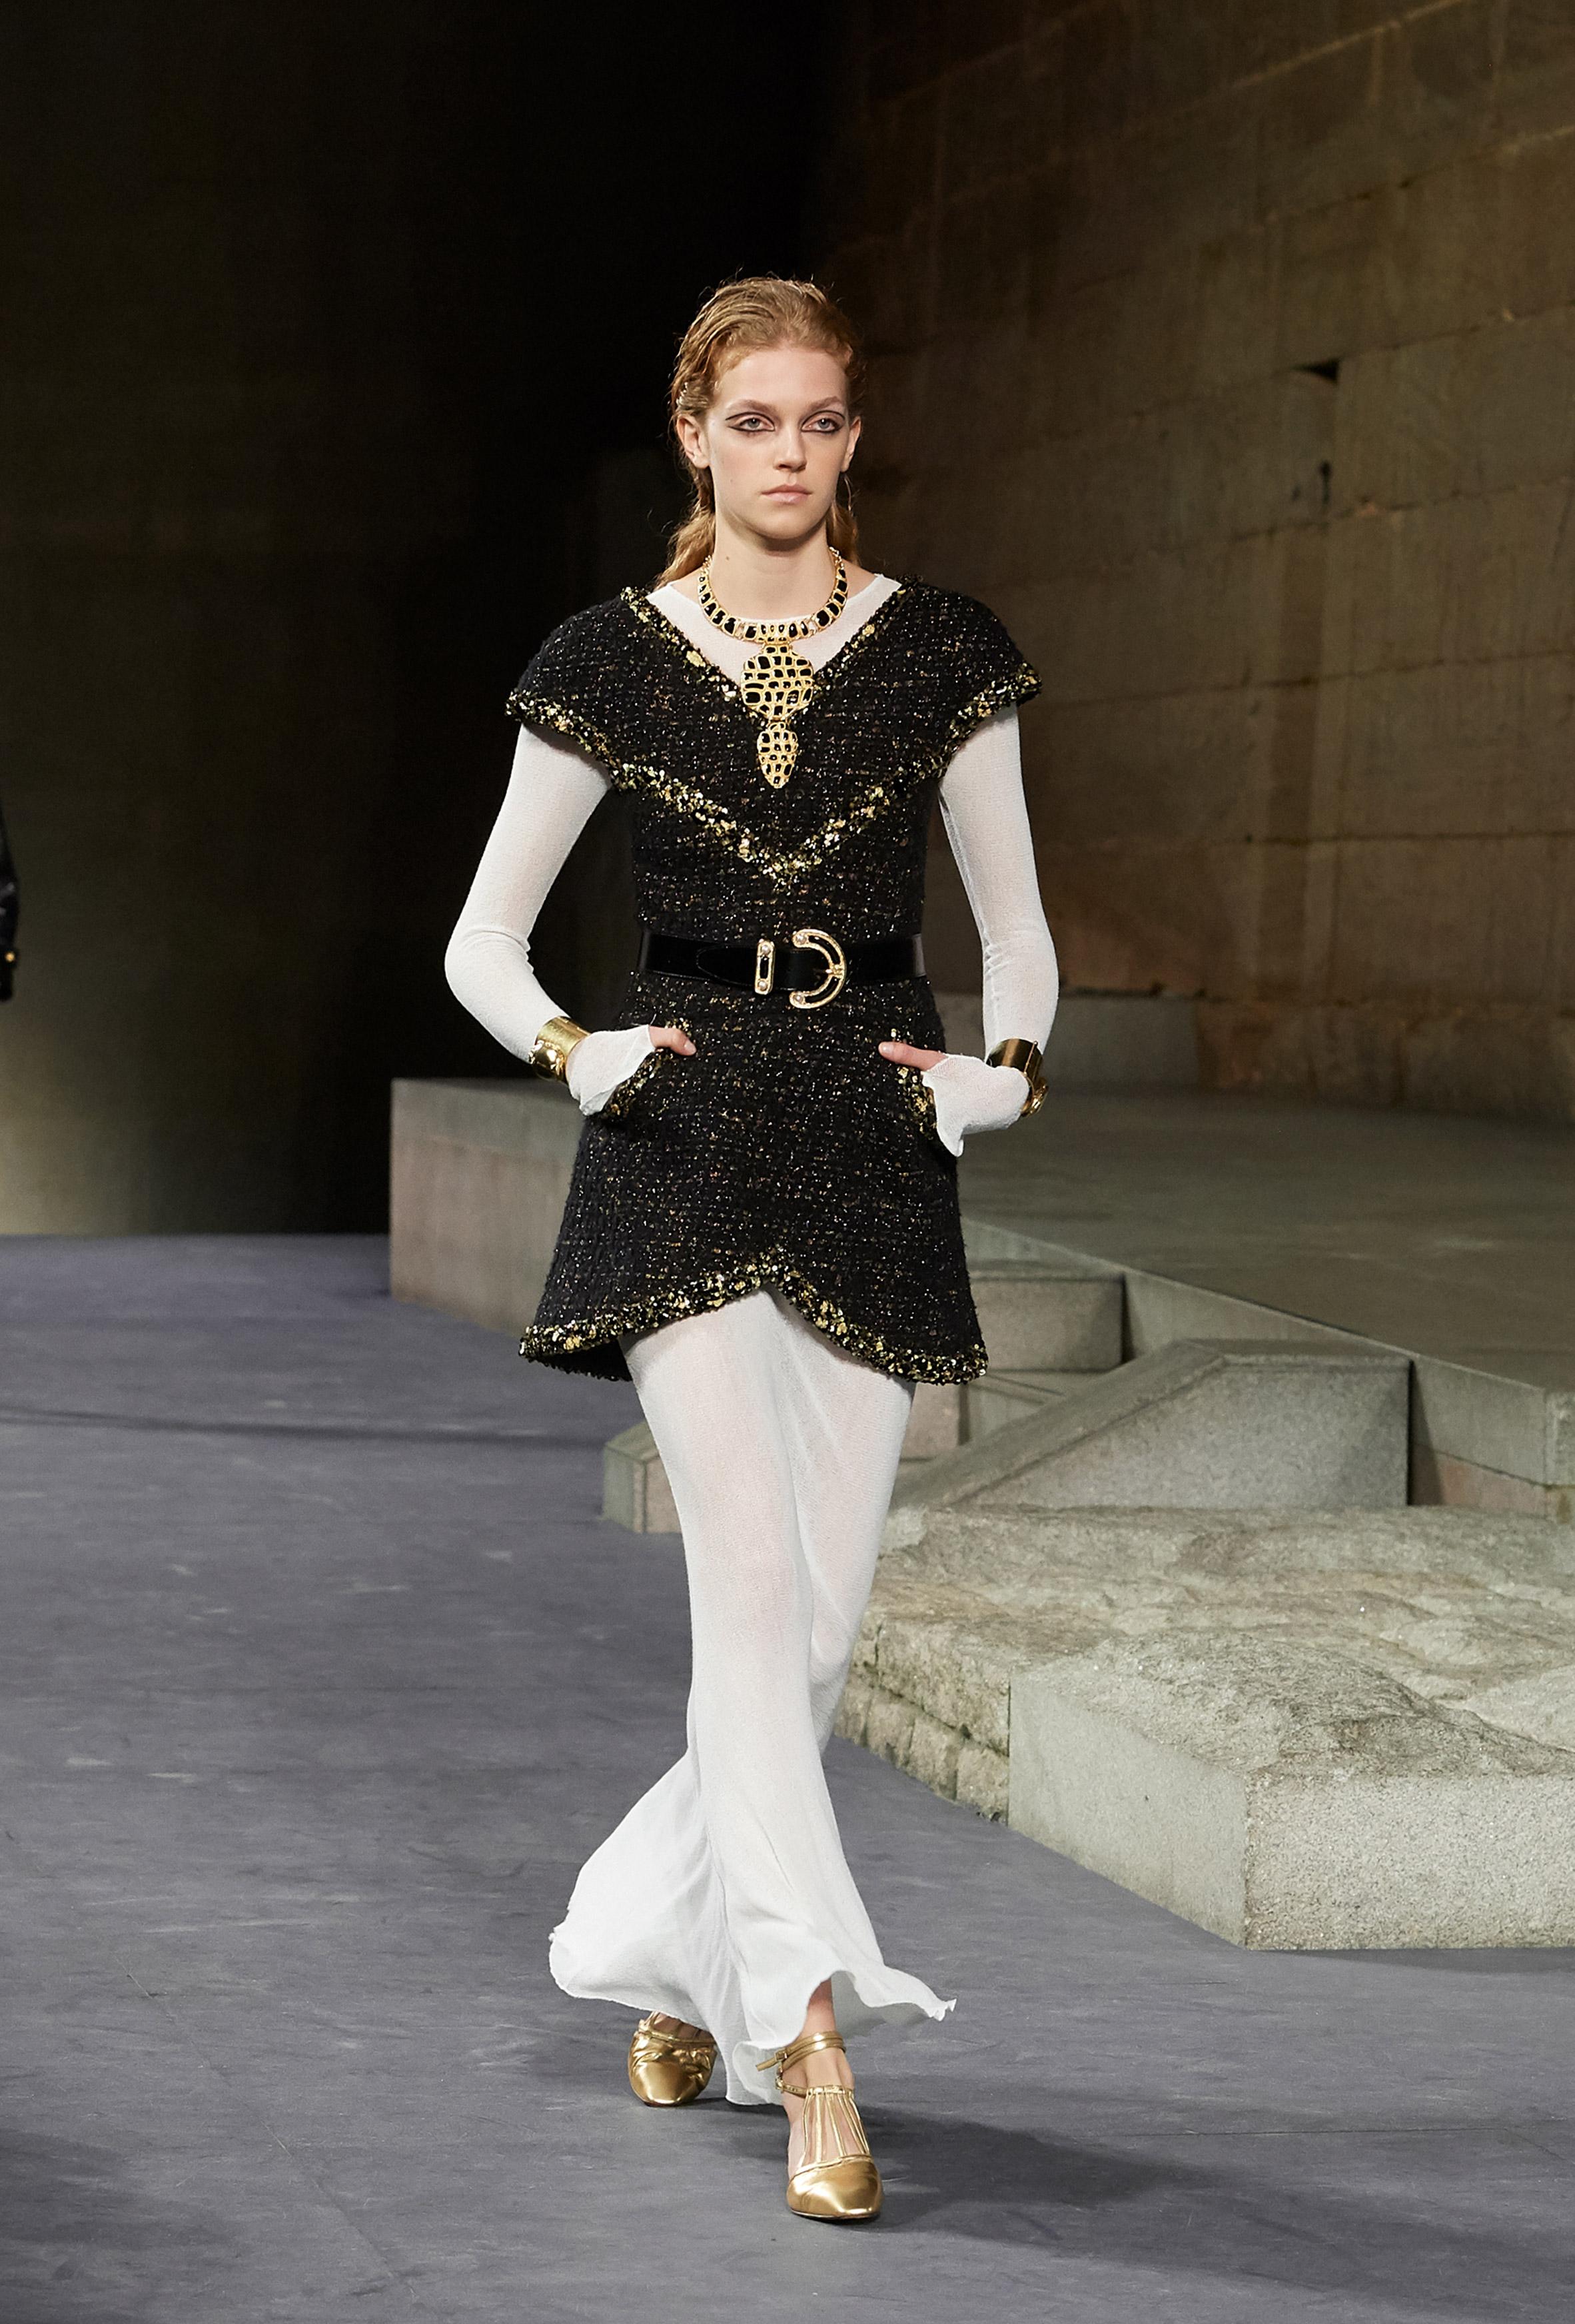 Chanel Métiers d'Art